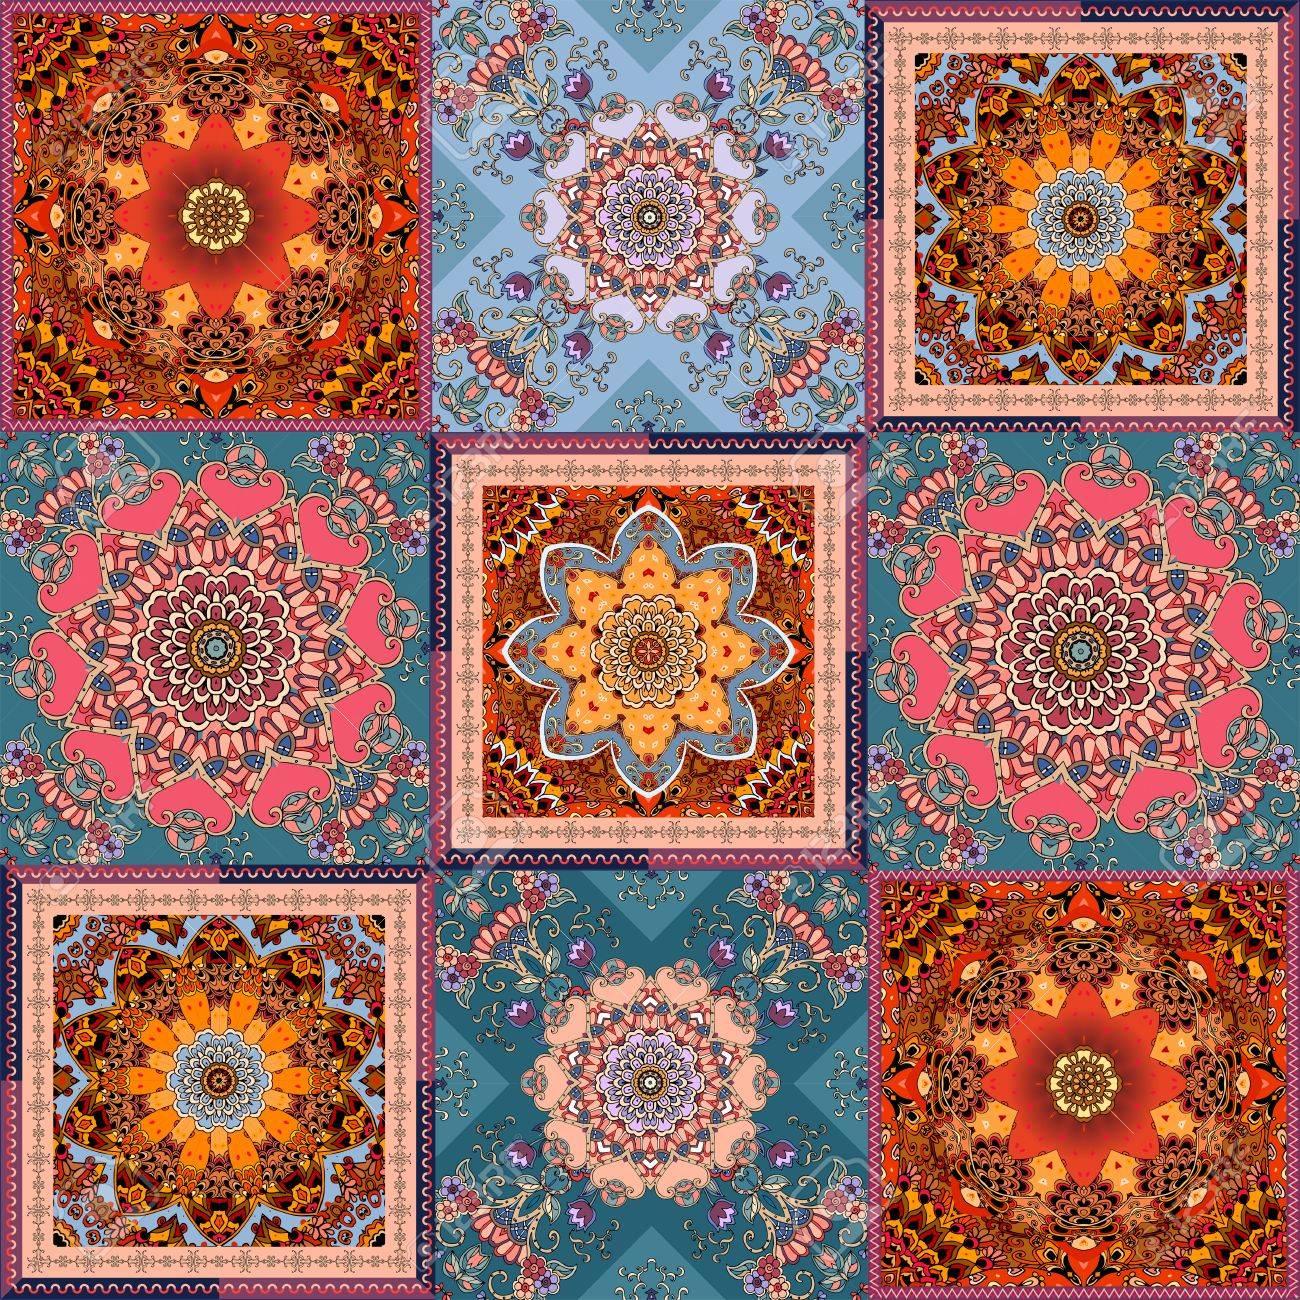 Alfombra Cuadrada nica En Estilo Patchwork Con Mandala Motivos